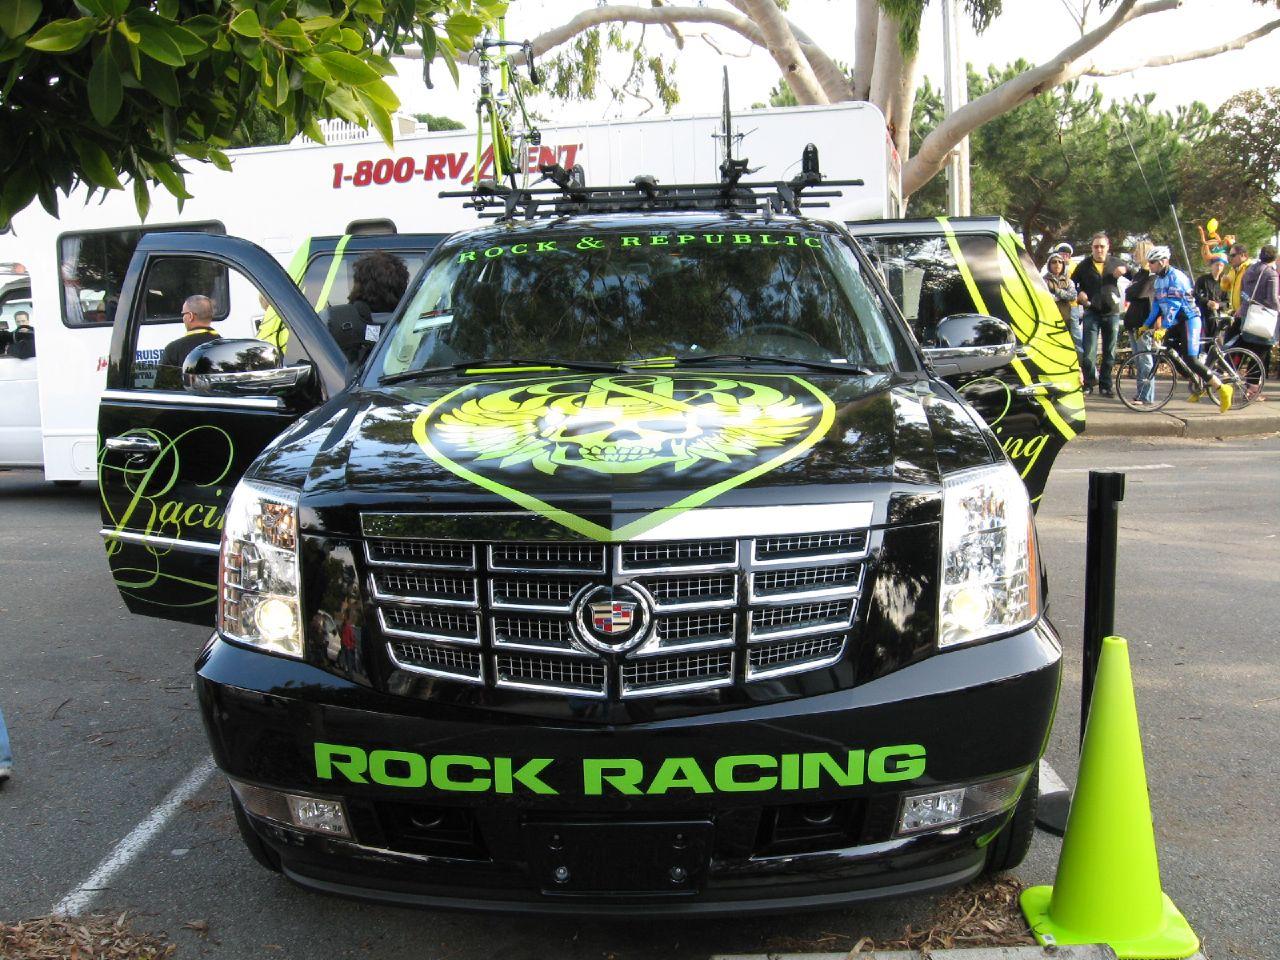 Beschrijving Rock Racing team car.jpg